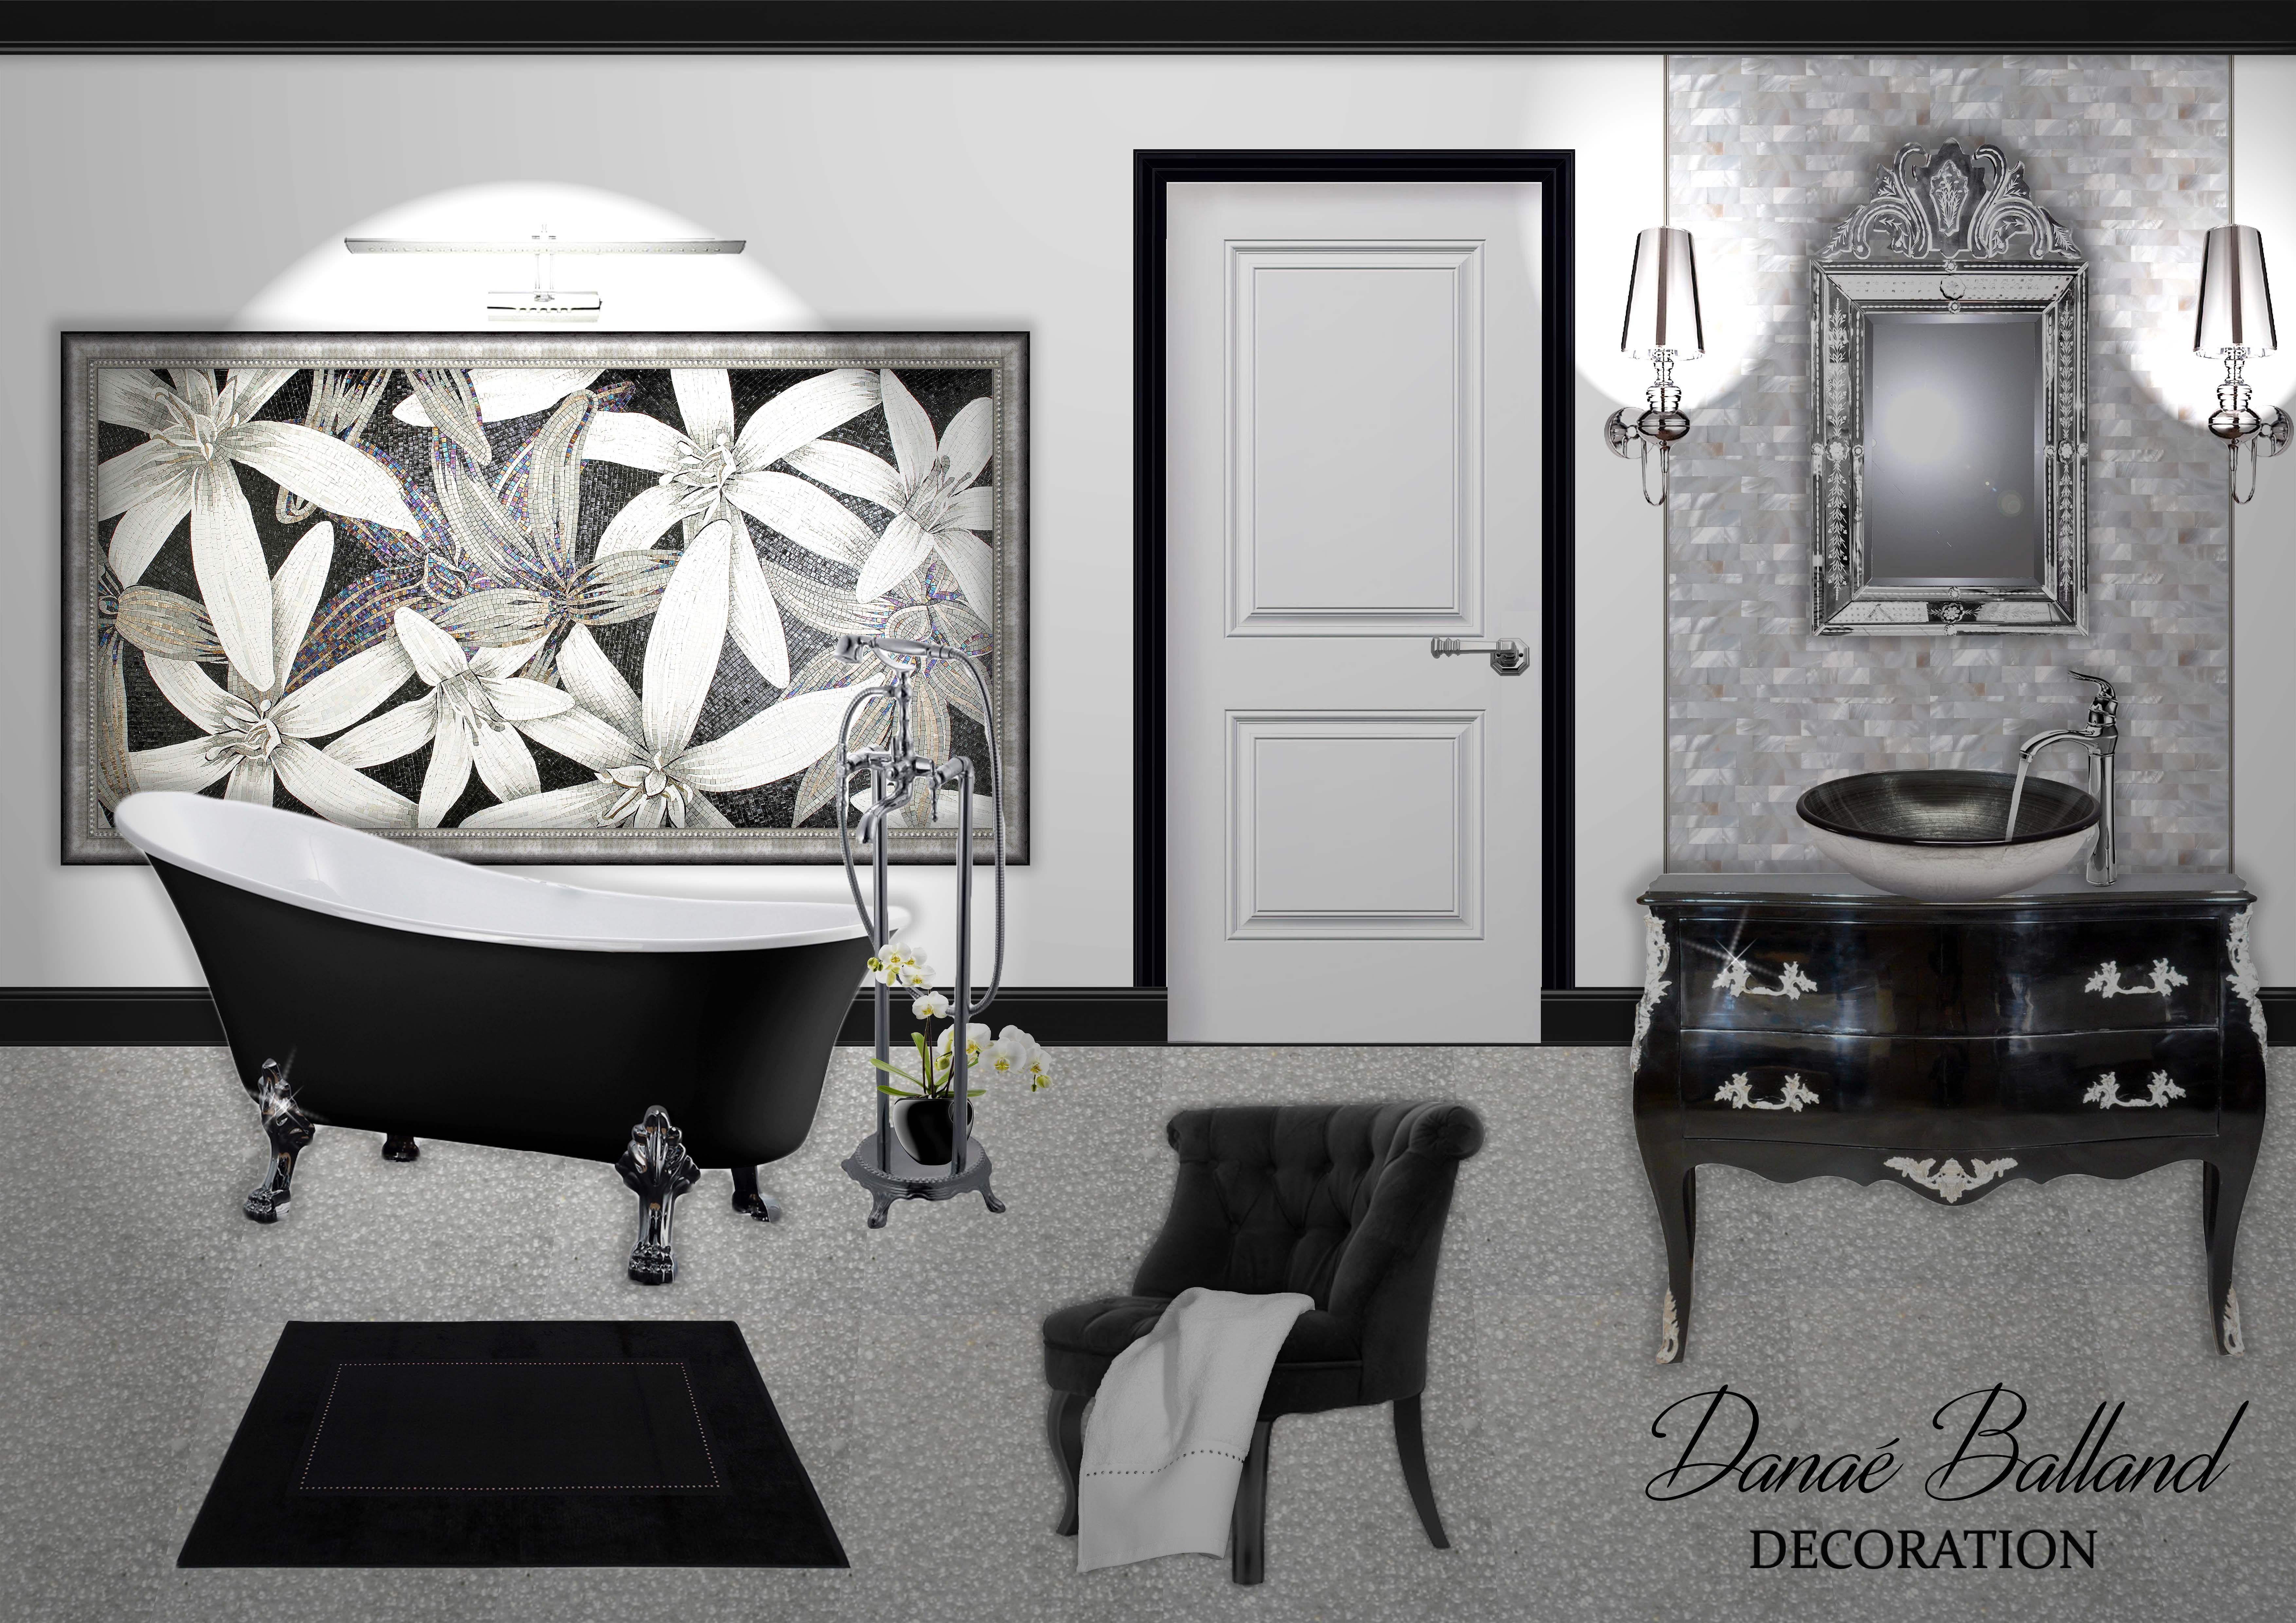 planche tendance ambiance d coration int rieure salle de bain bathroom noir blanc gris. Black Bedroom Furniture Sets. Home Design Ideas